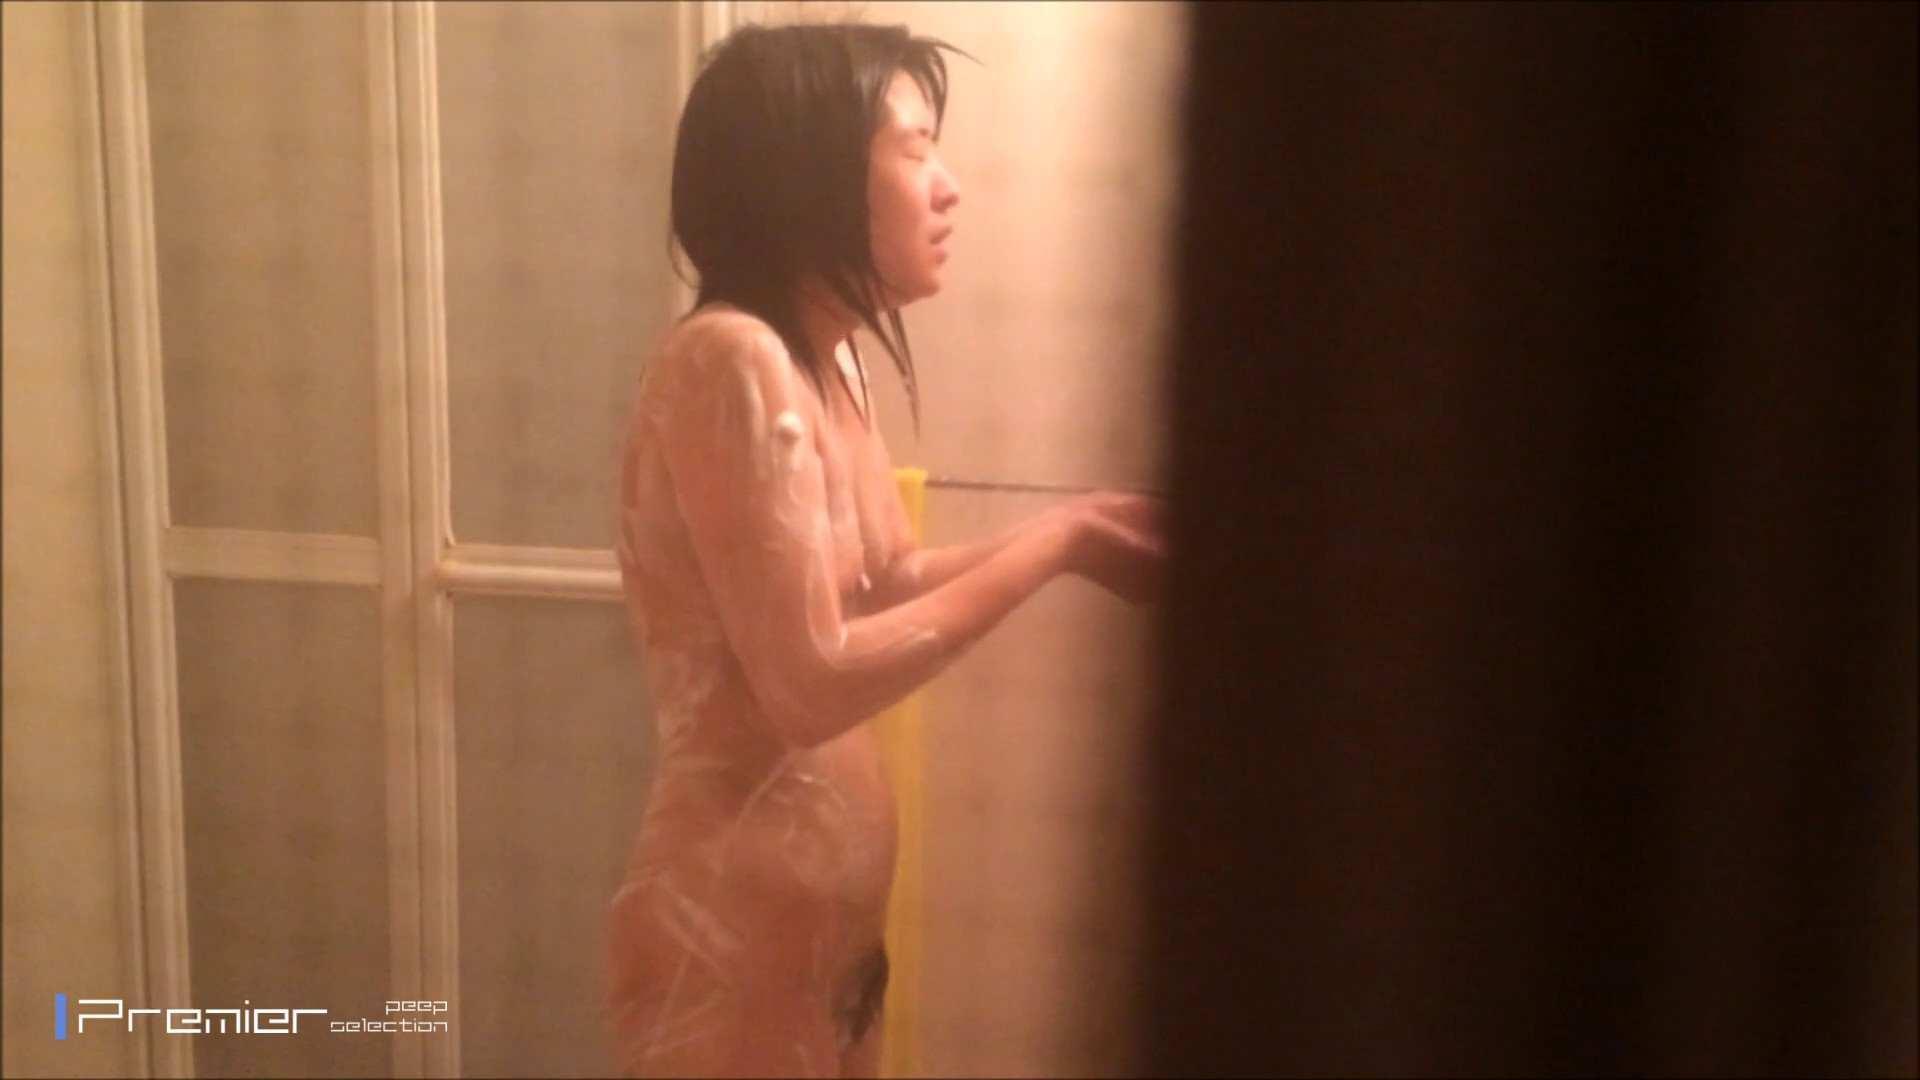 シャワーのお湯を跳ね返すお肌 乙女の風呂場 Vol.03 民家 ワレメ無修正動画無料 108枚 10